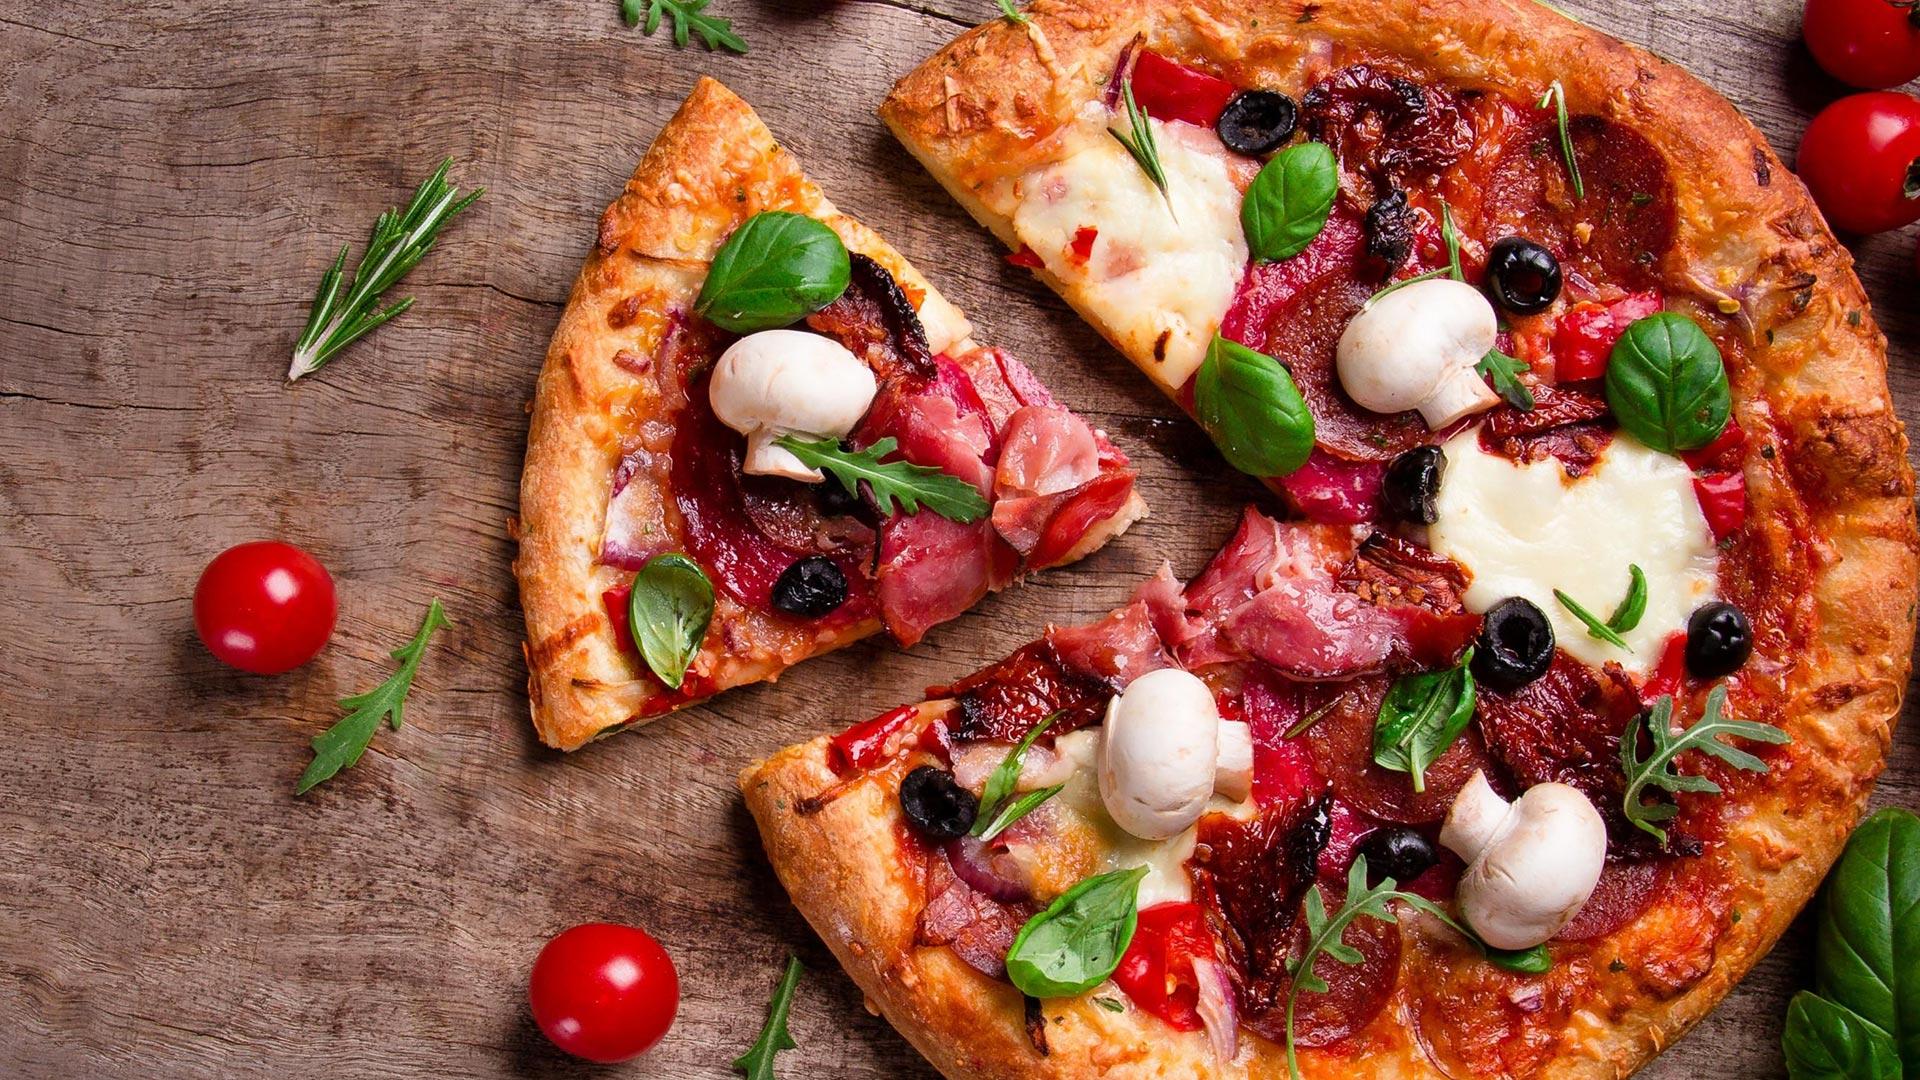 Mangiare la pizza ci manda in fattanza